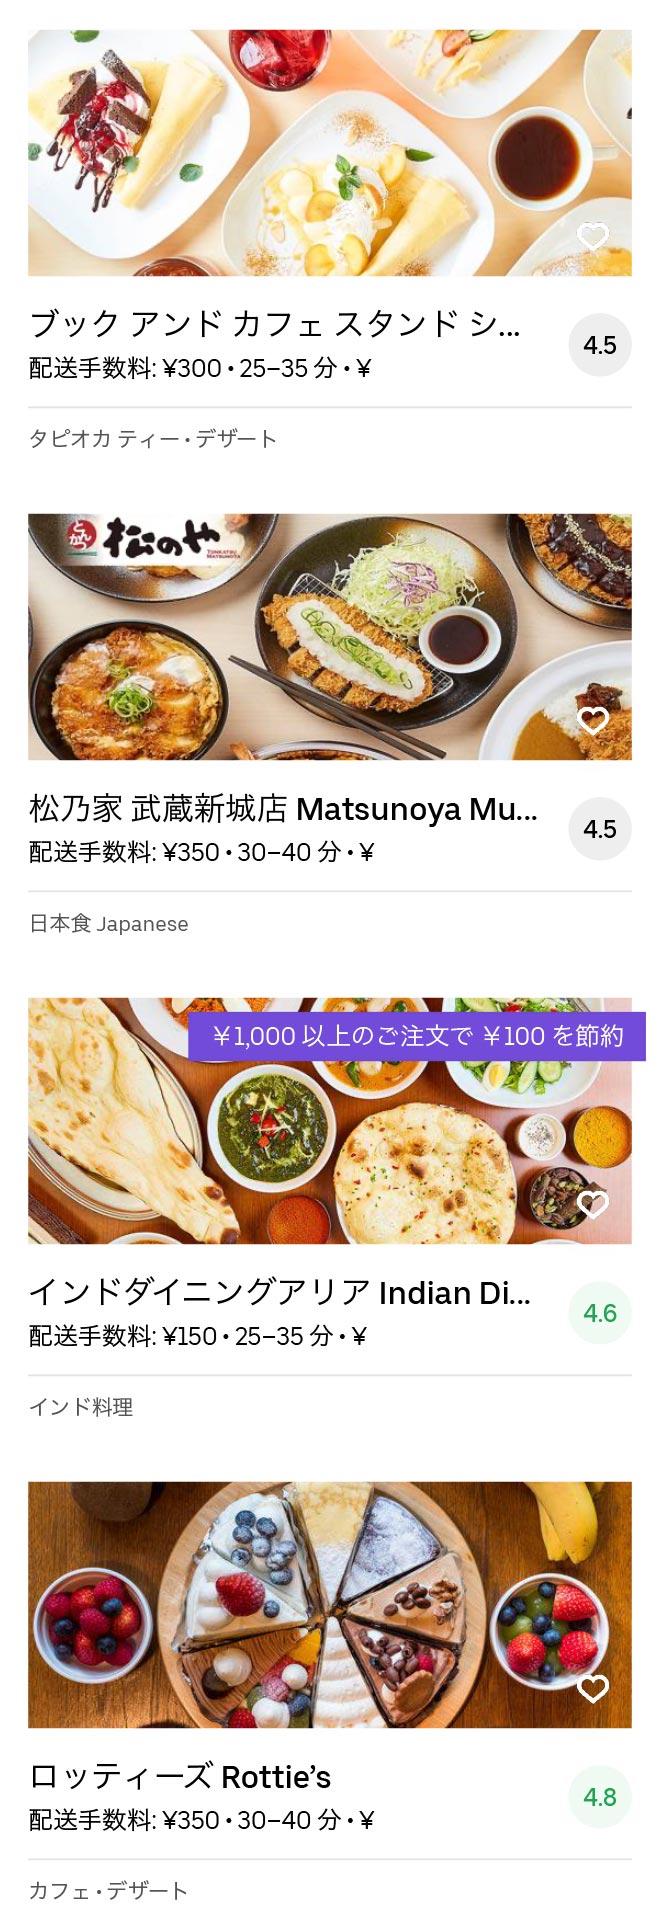 Musashikosugi menu 2004 10